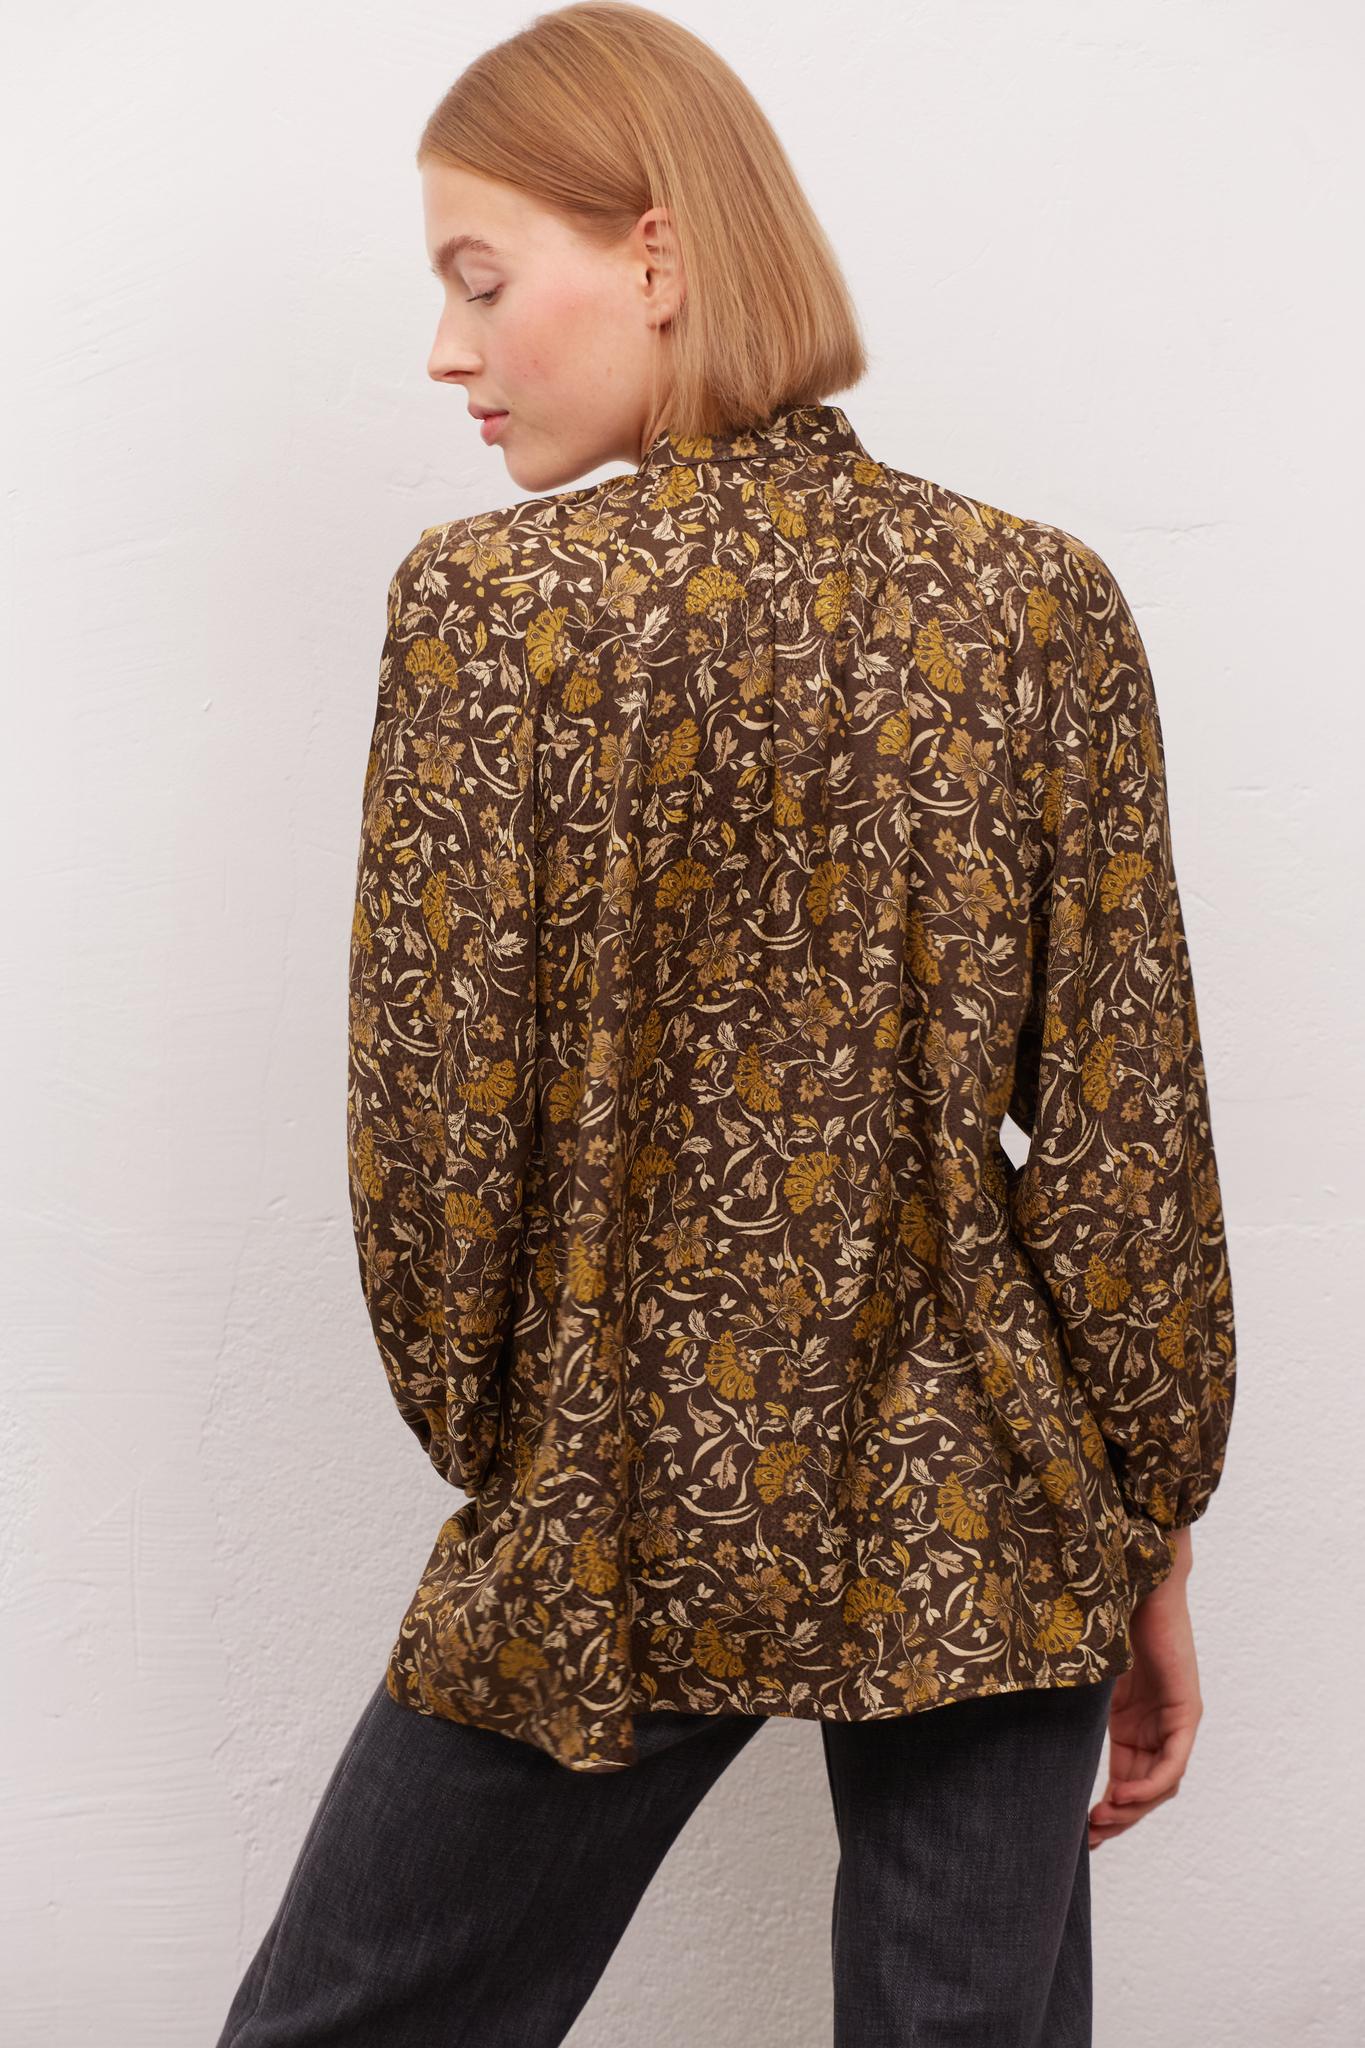 CLOANE - Струящаяся блуза с цветочным принтом